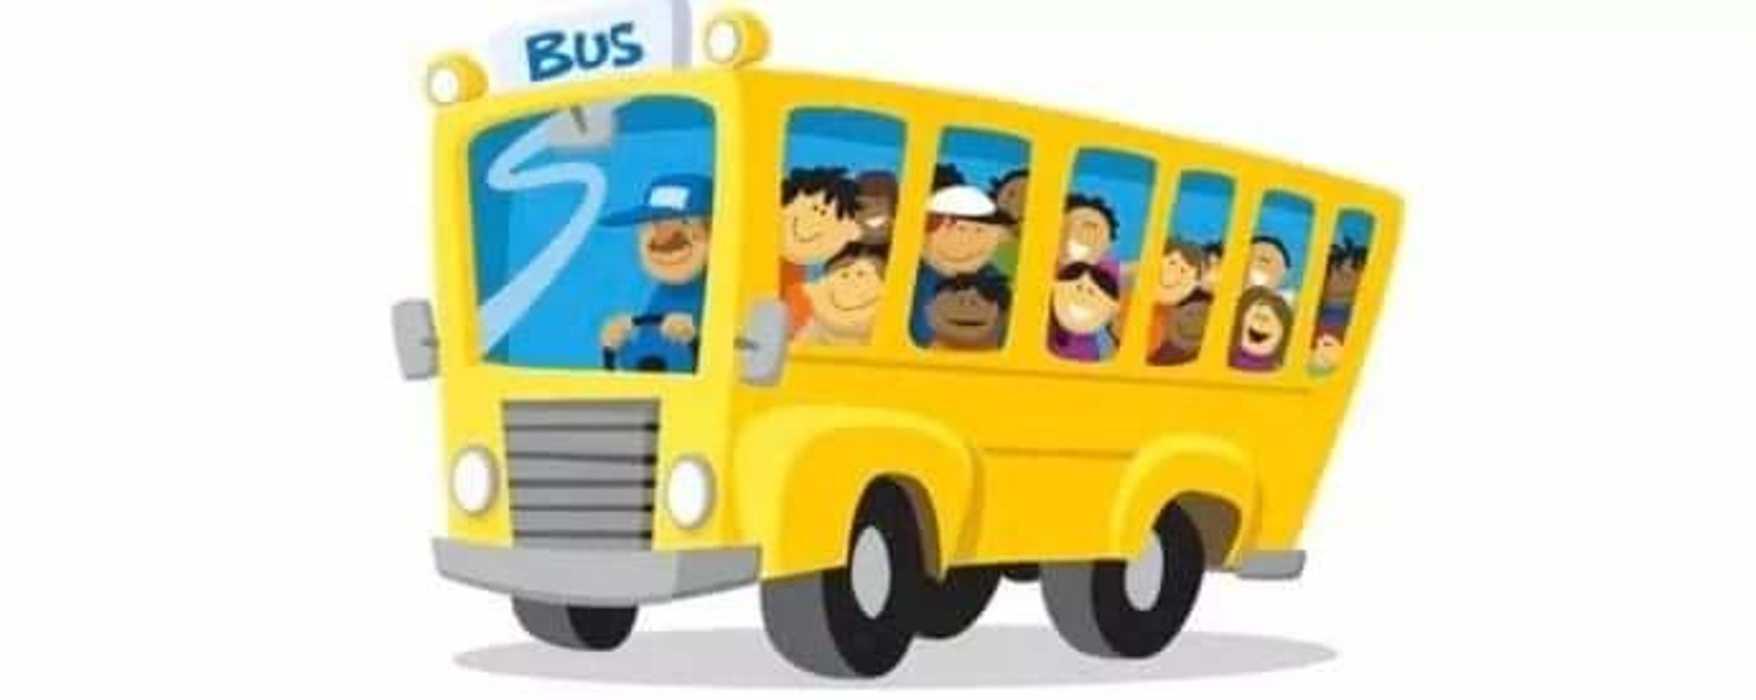 Transports scolaires du jeudi 11 février 2021 à Saint Martin des Prés 0